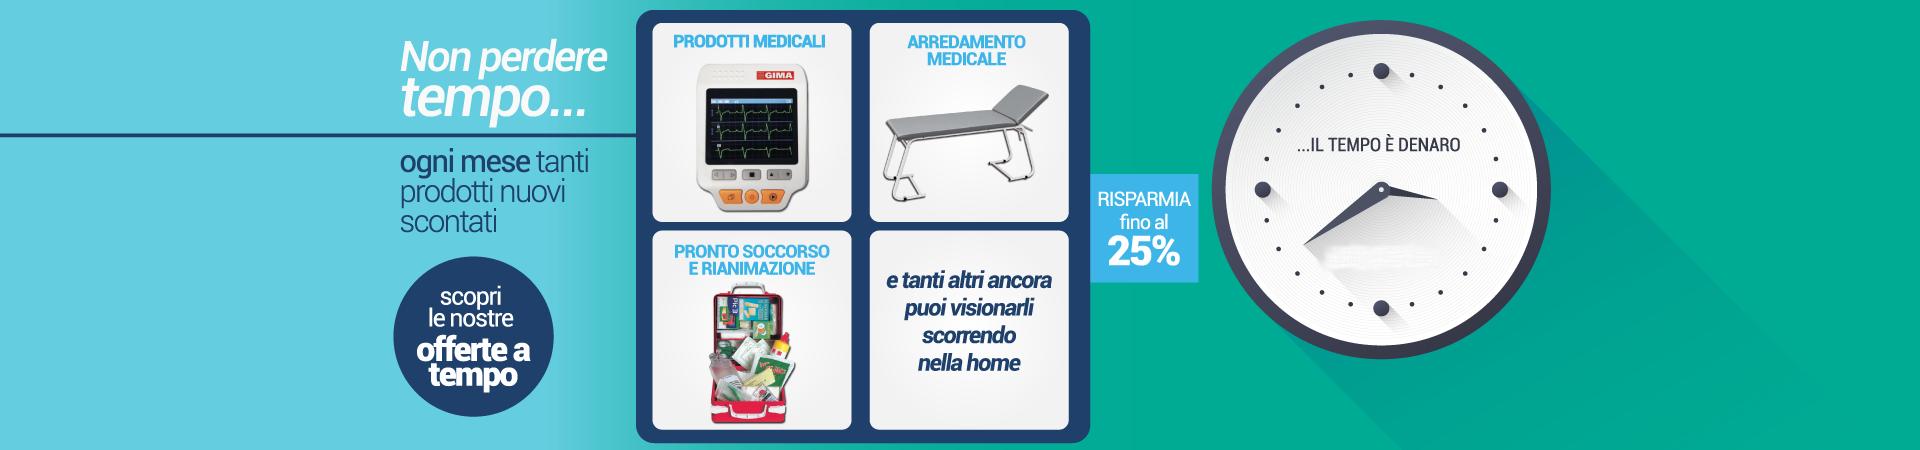 le offerte a tempo per di prodotti per l'ortopedia, prodotti elettromedicali e forniture ospedaliere.